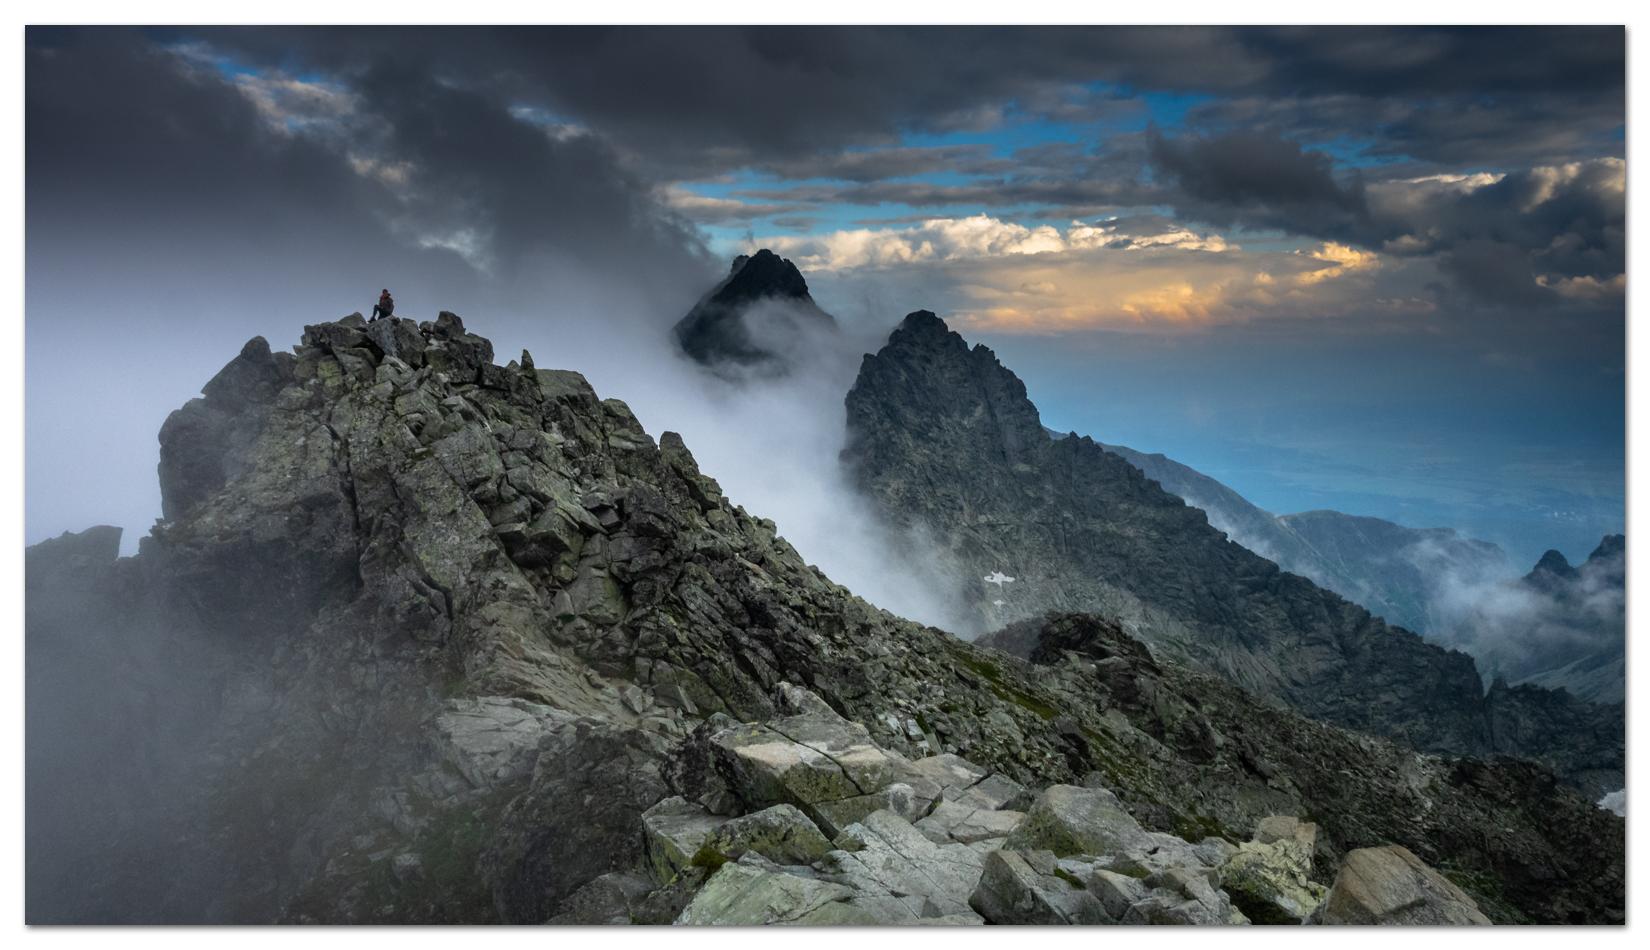 Kliknij obrazek, aby uzyskać większą wersję  Nazwa:Krajobraz_06_L12.png Wyświetleń:294 Rozmiar:1,77 MB ID:226573